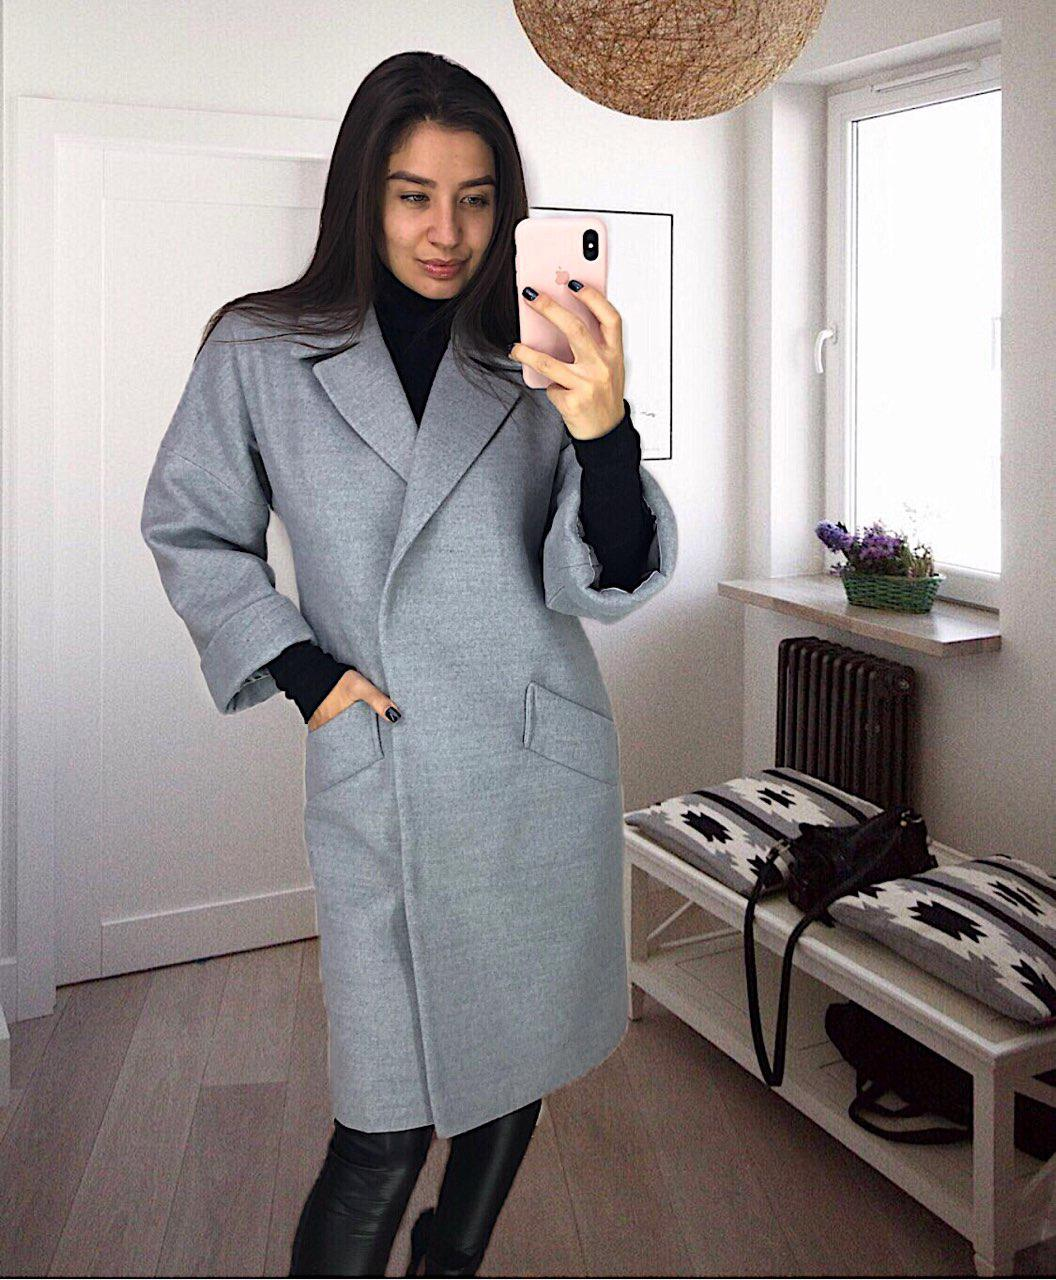 745583d02d9c Женское кашемировое пальто Milan серое - ВЕК - Интернет-магазин женской  одежды в Харькове